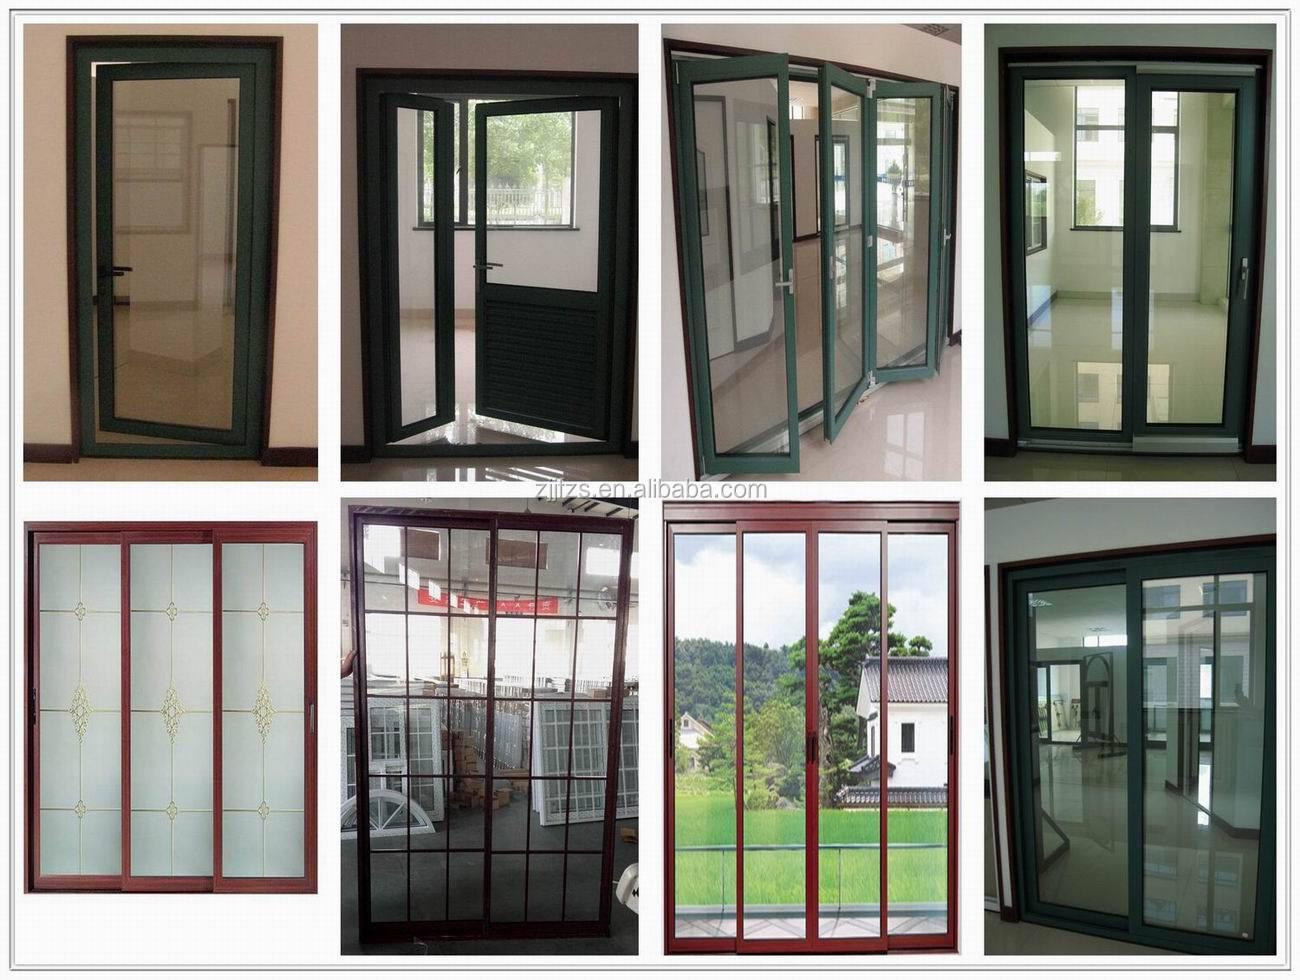 Aluminio Exterior Puertas Correderas Hecho En China La Puerta Del  ~ Puertas De Exterior De Aluminio Precios